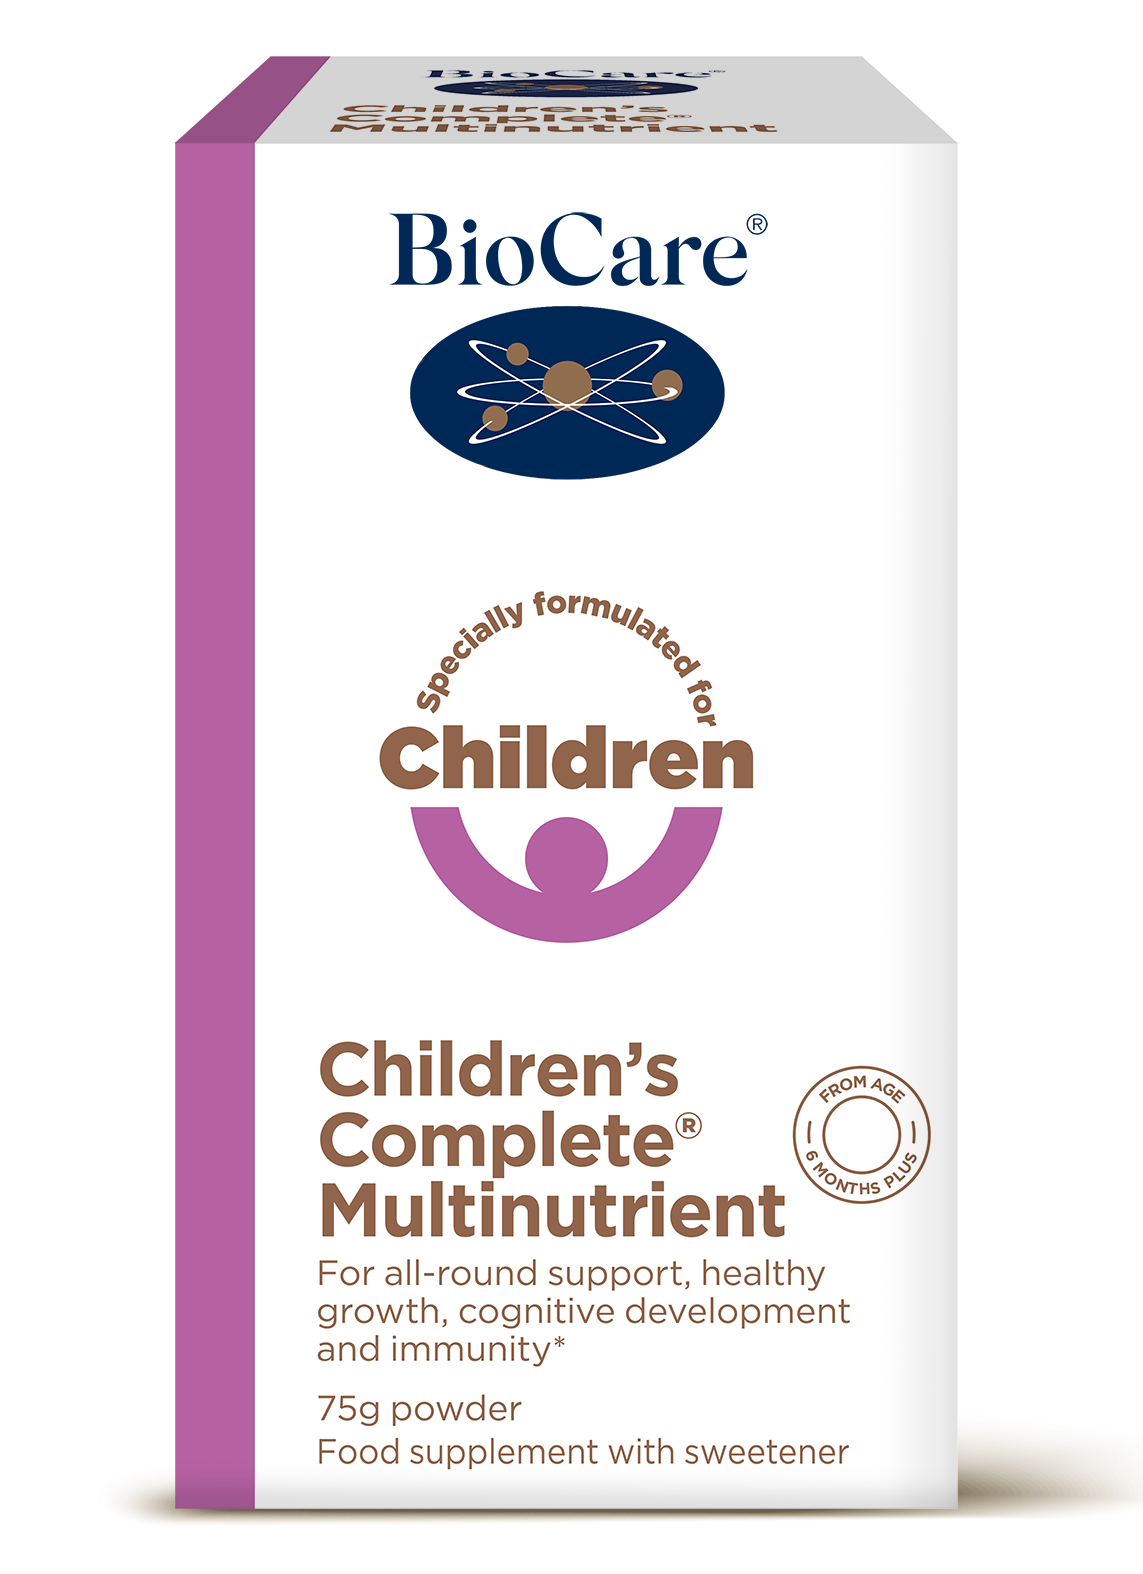 Children's Complete Multinutrient 75g